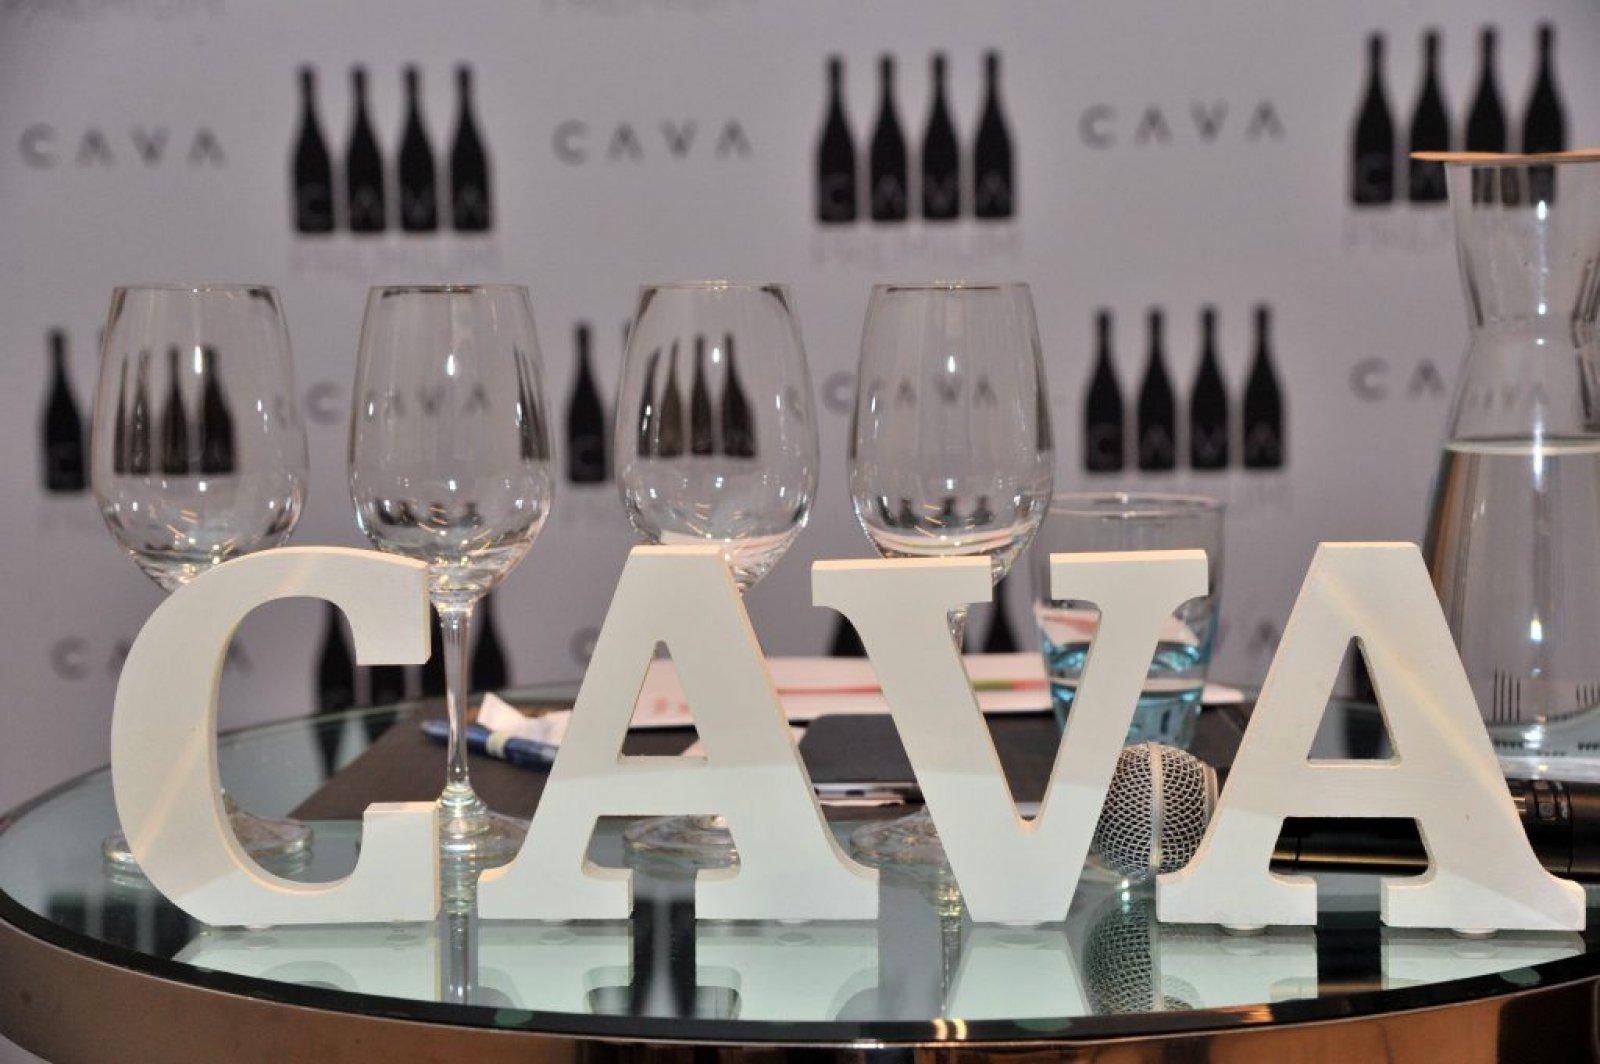 Saló Cava Premium